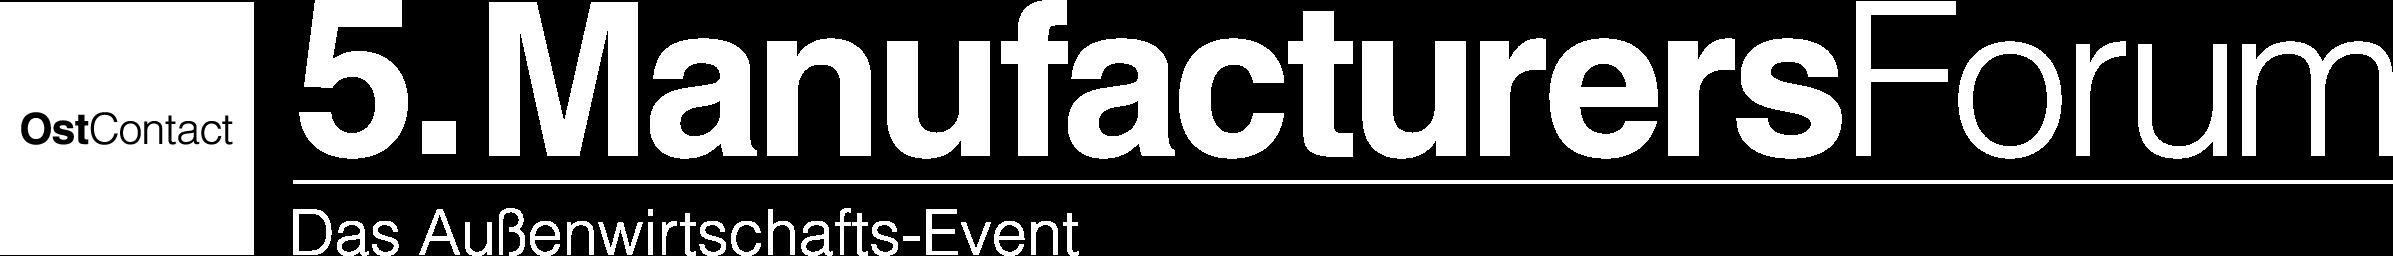 https://owc.de/wp-content/uploads/2020/07/5-Manufacturers-Forum_Logo-blk.png